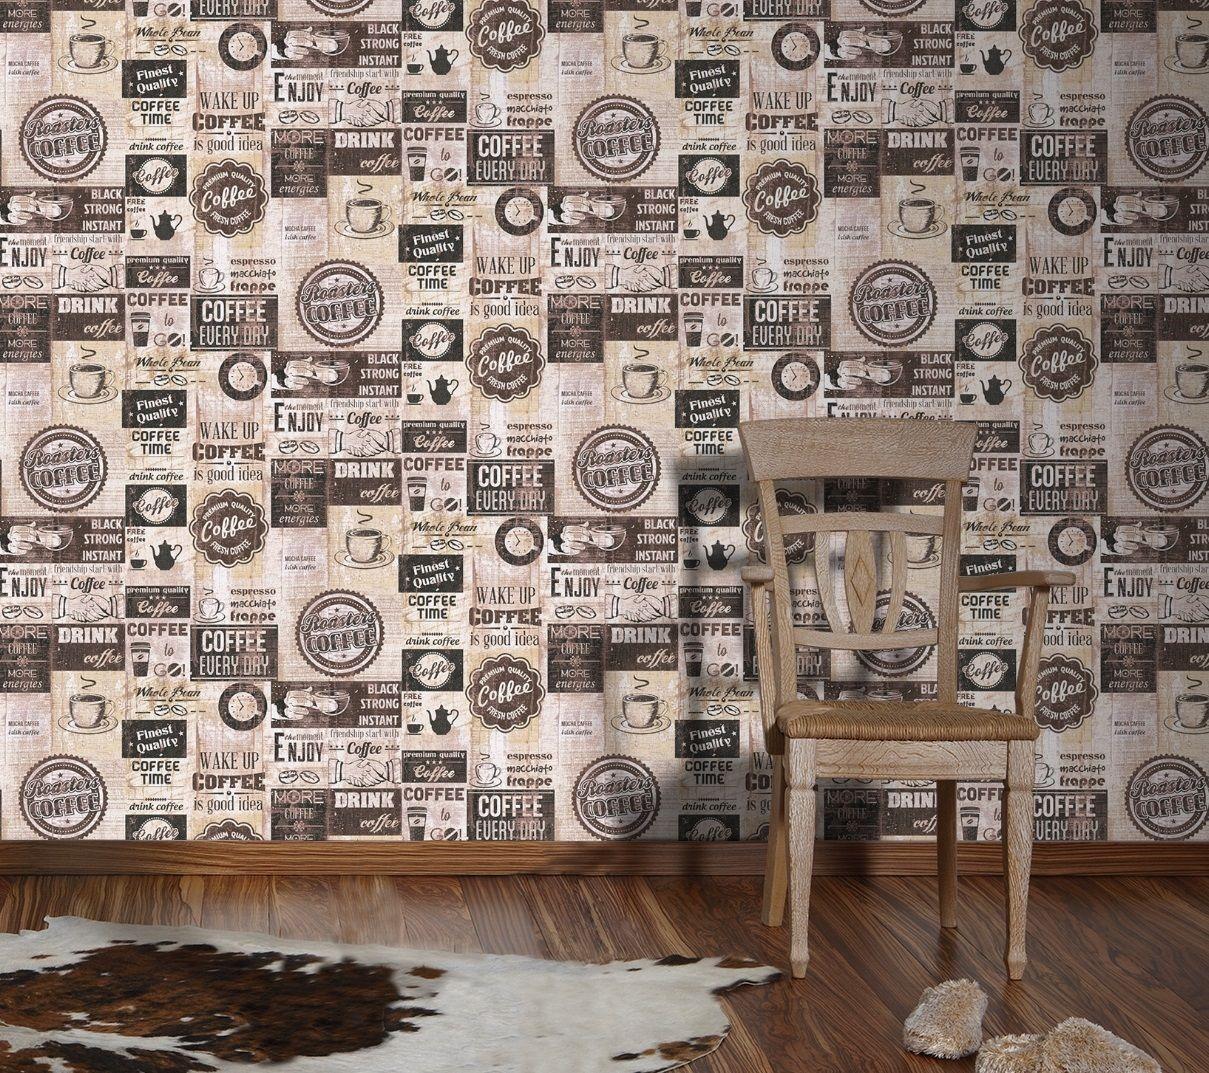 ... Papier Küchen Tapete Kaffe Coffee Cafe Creme Beige Braun 33480 3 3